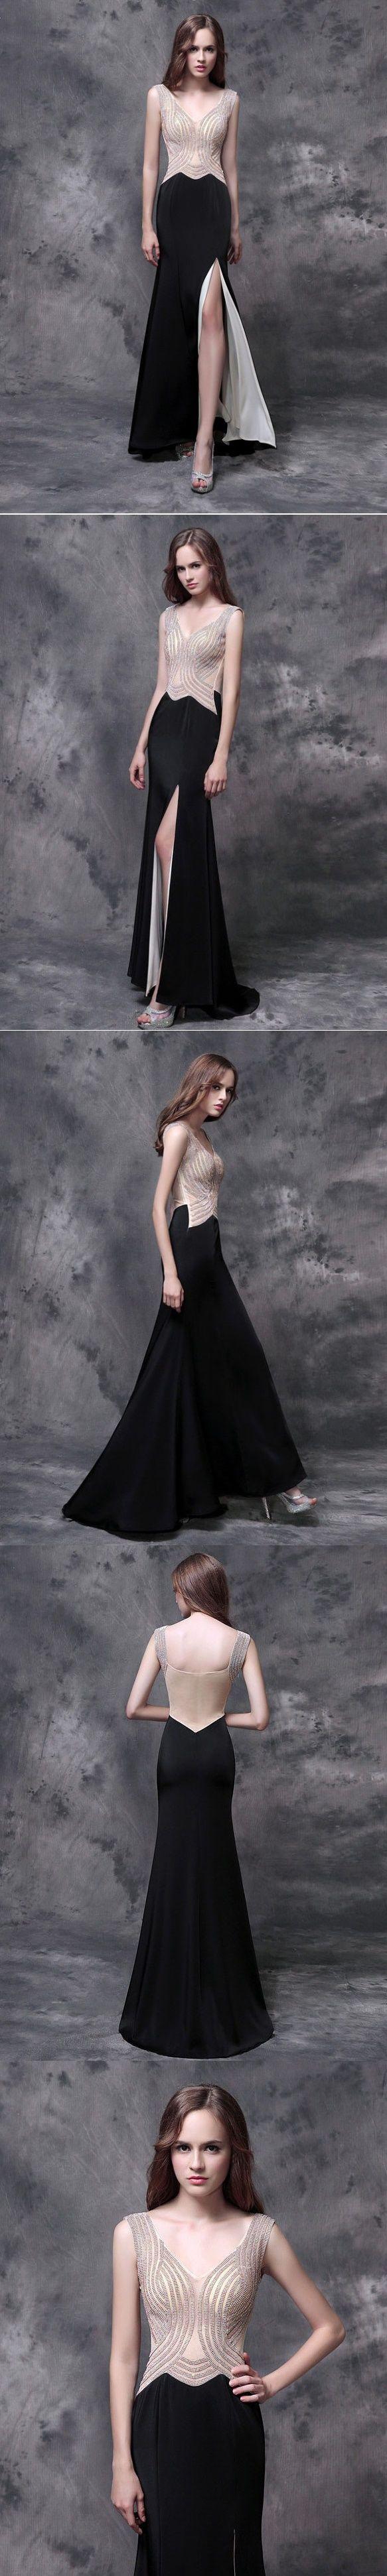 abendkleider,cocktailkleider,festliche kleider,schöne kleider,abendkleider günstig #liebekleider #Ballkleider #Abiballkleider